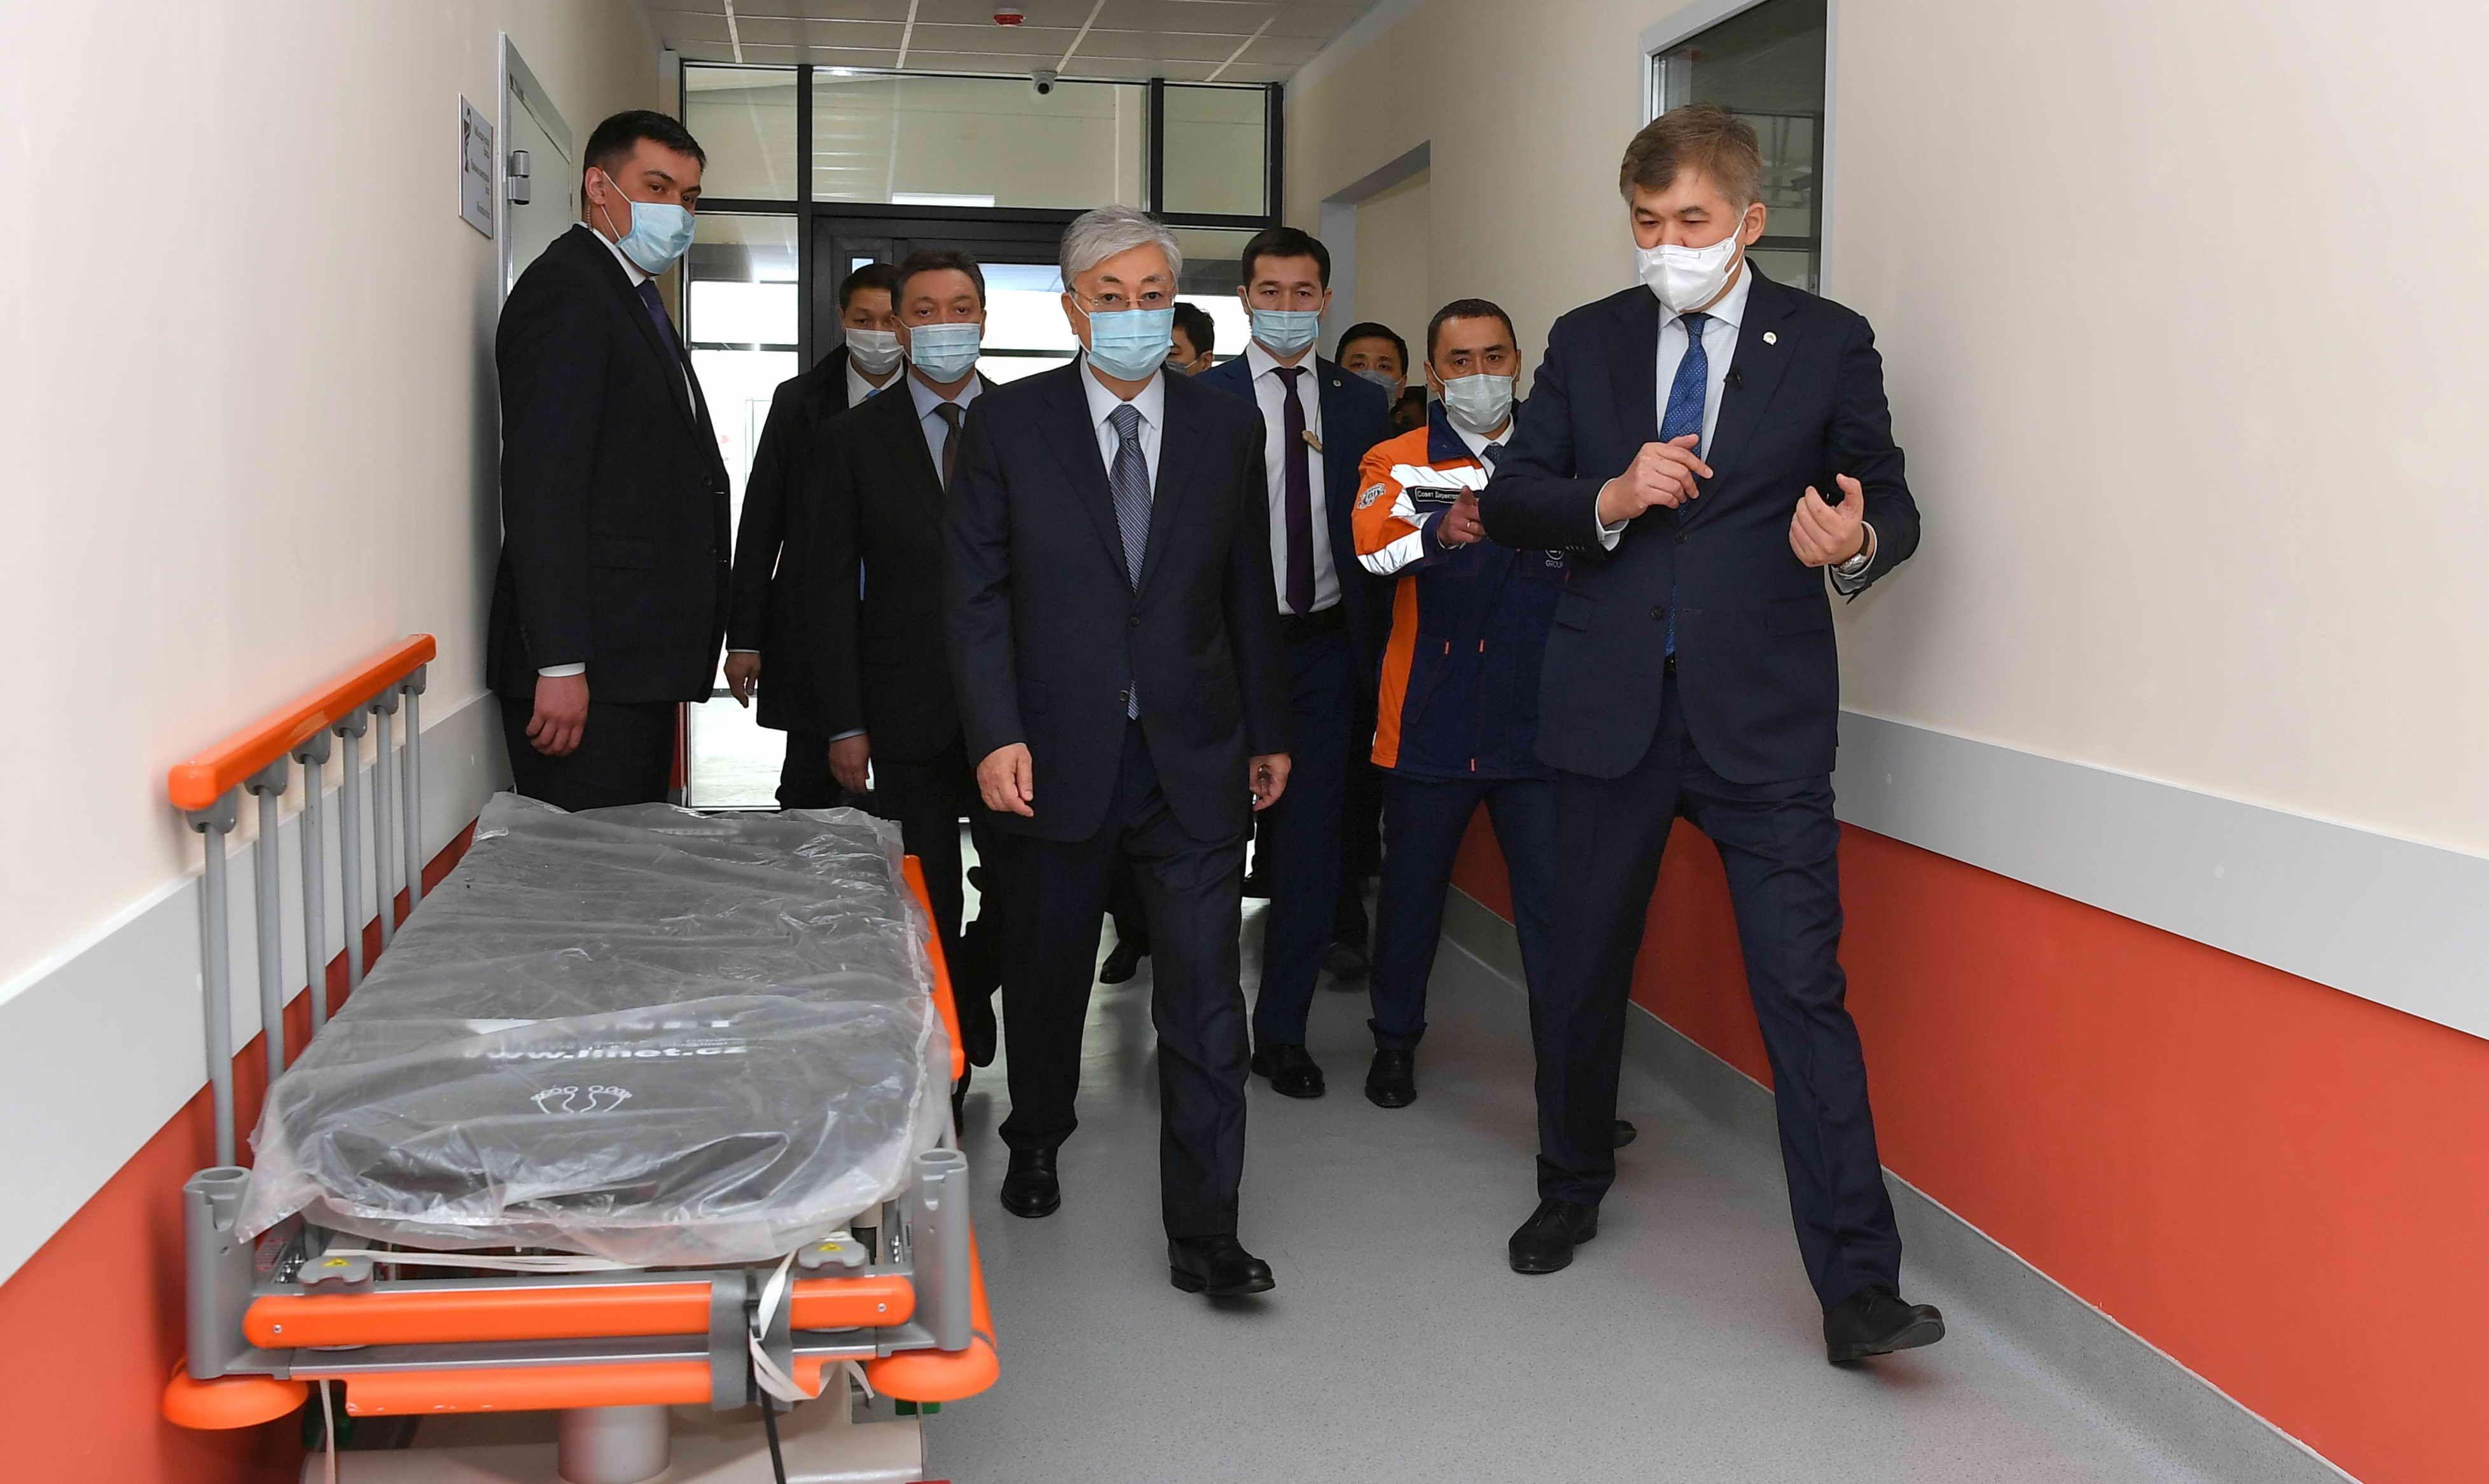 Модульная больница в Алматы построена за 18 дней 287794 - Kapital.kz